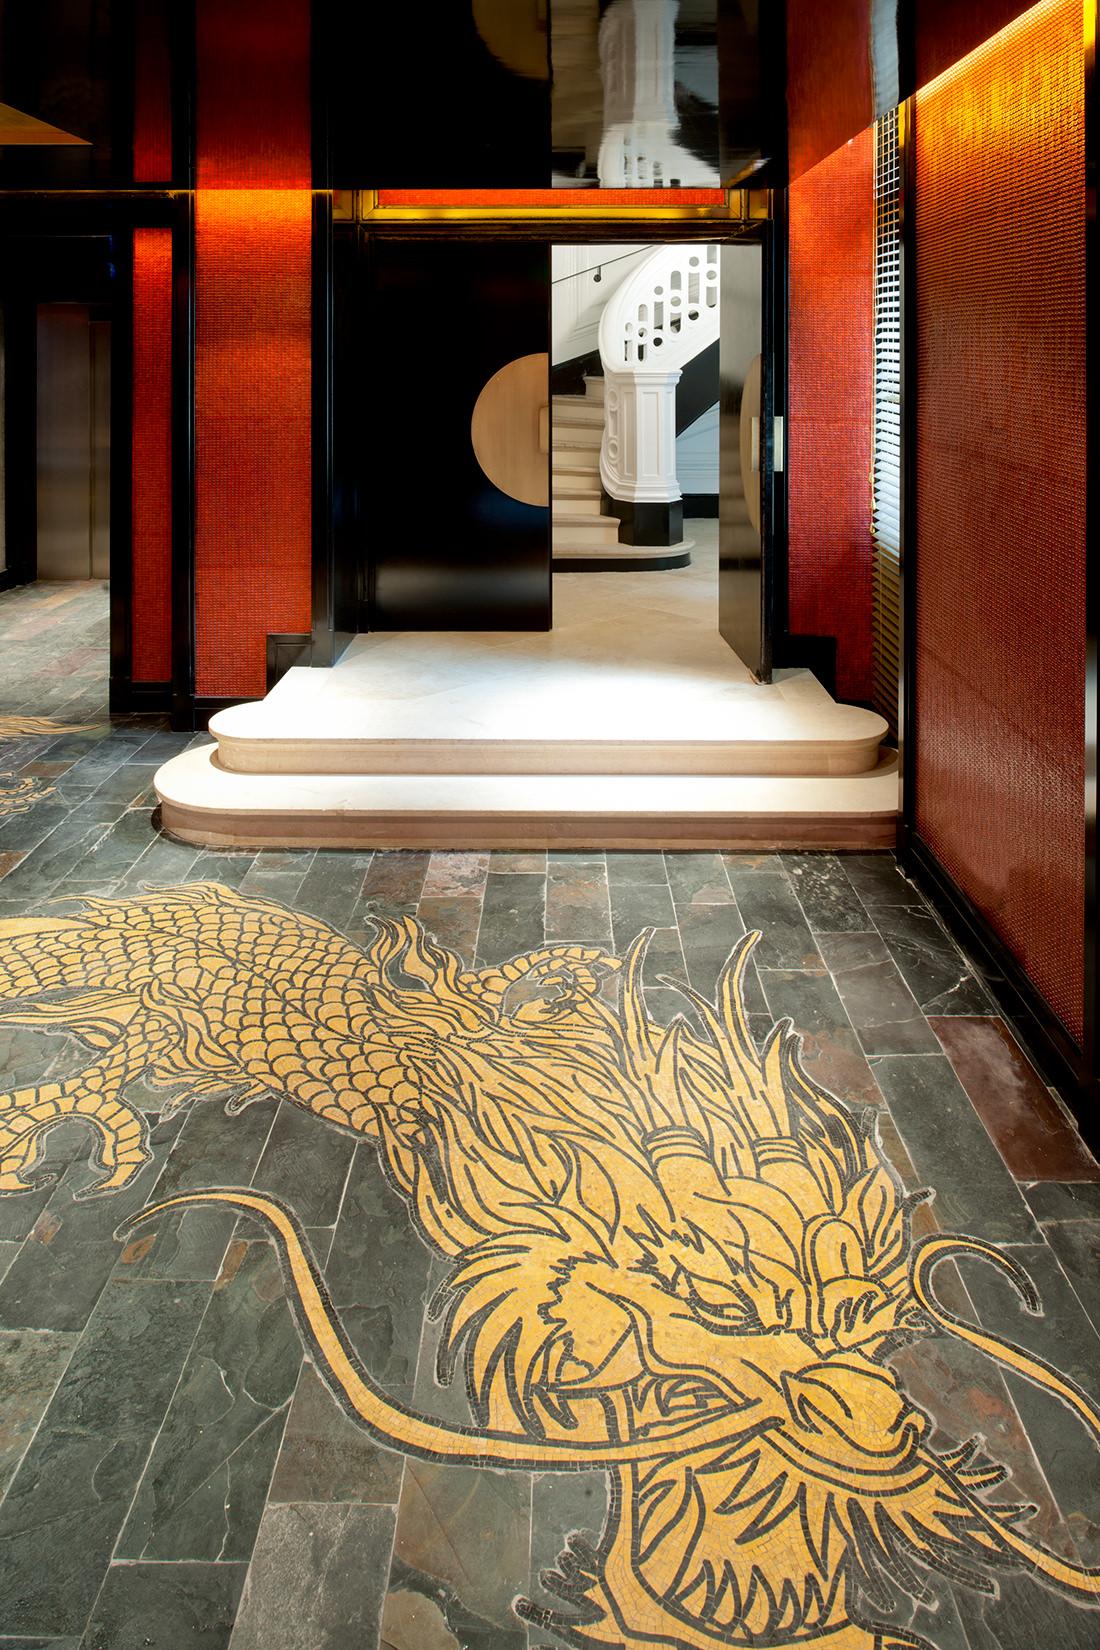 buddha-bar-hotel-paris-2